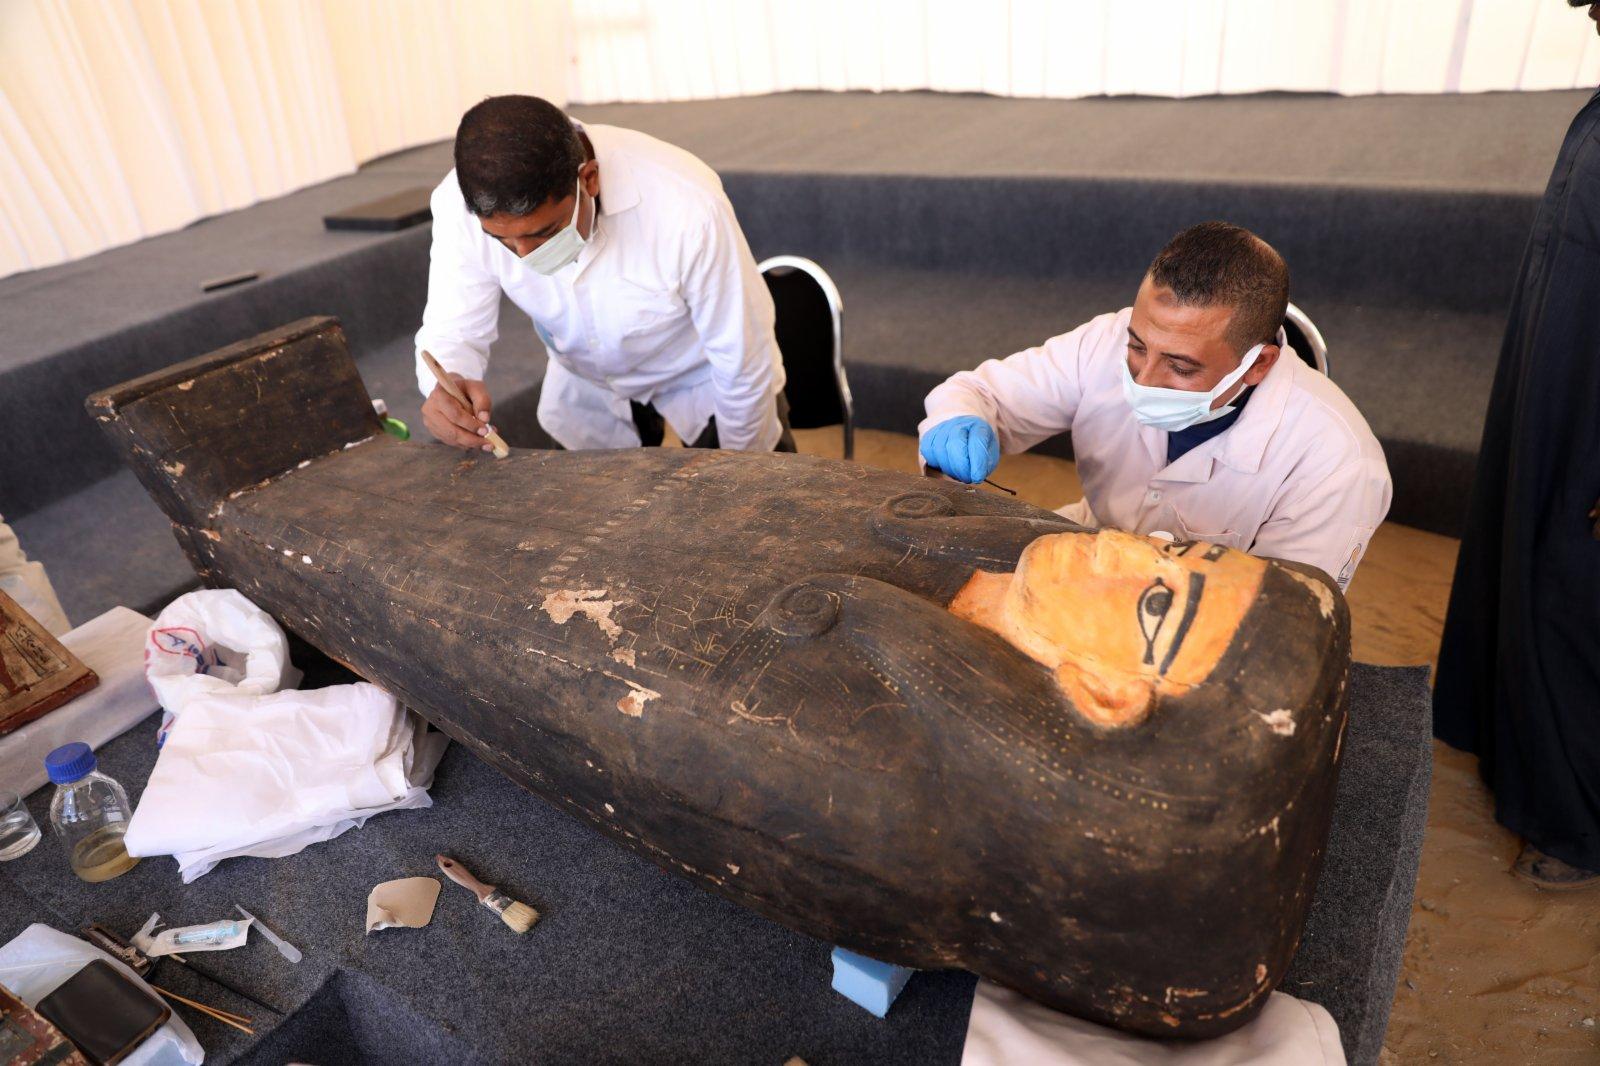 11月14日,在埃及吉薩,考古工作人員清理一具彩繪木棺。(新華社)